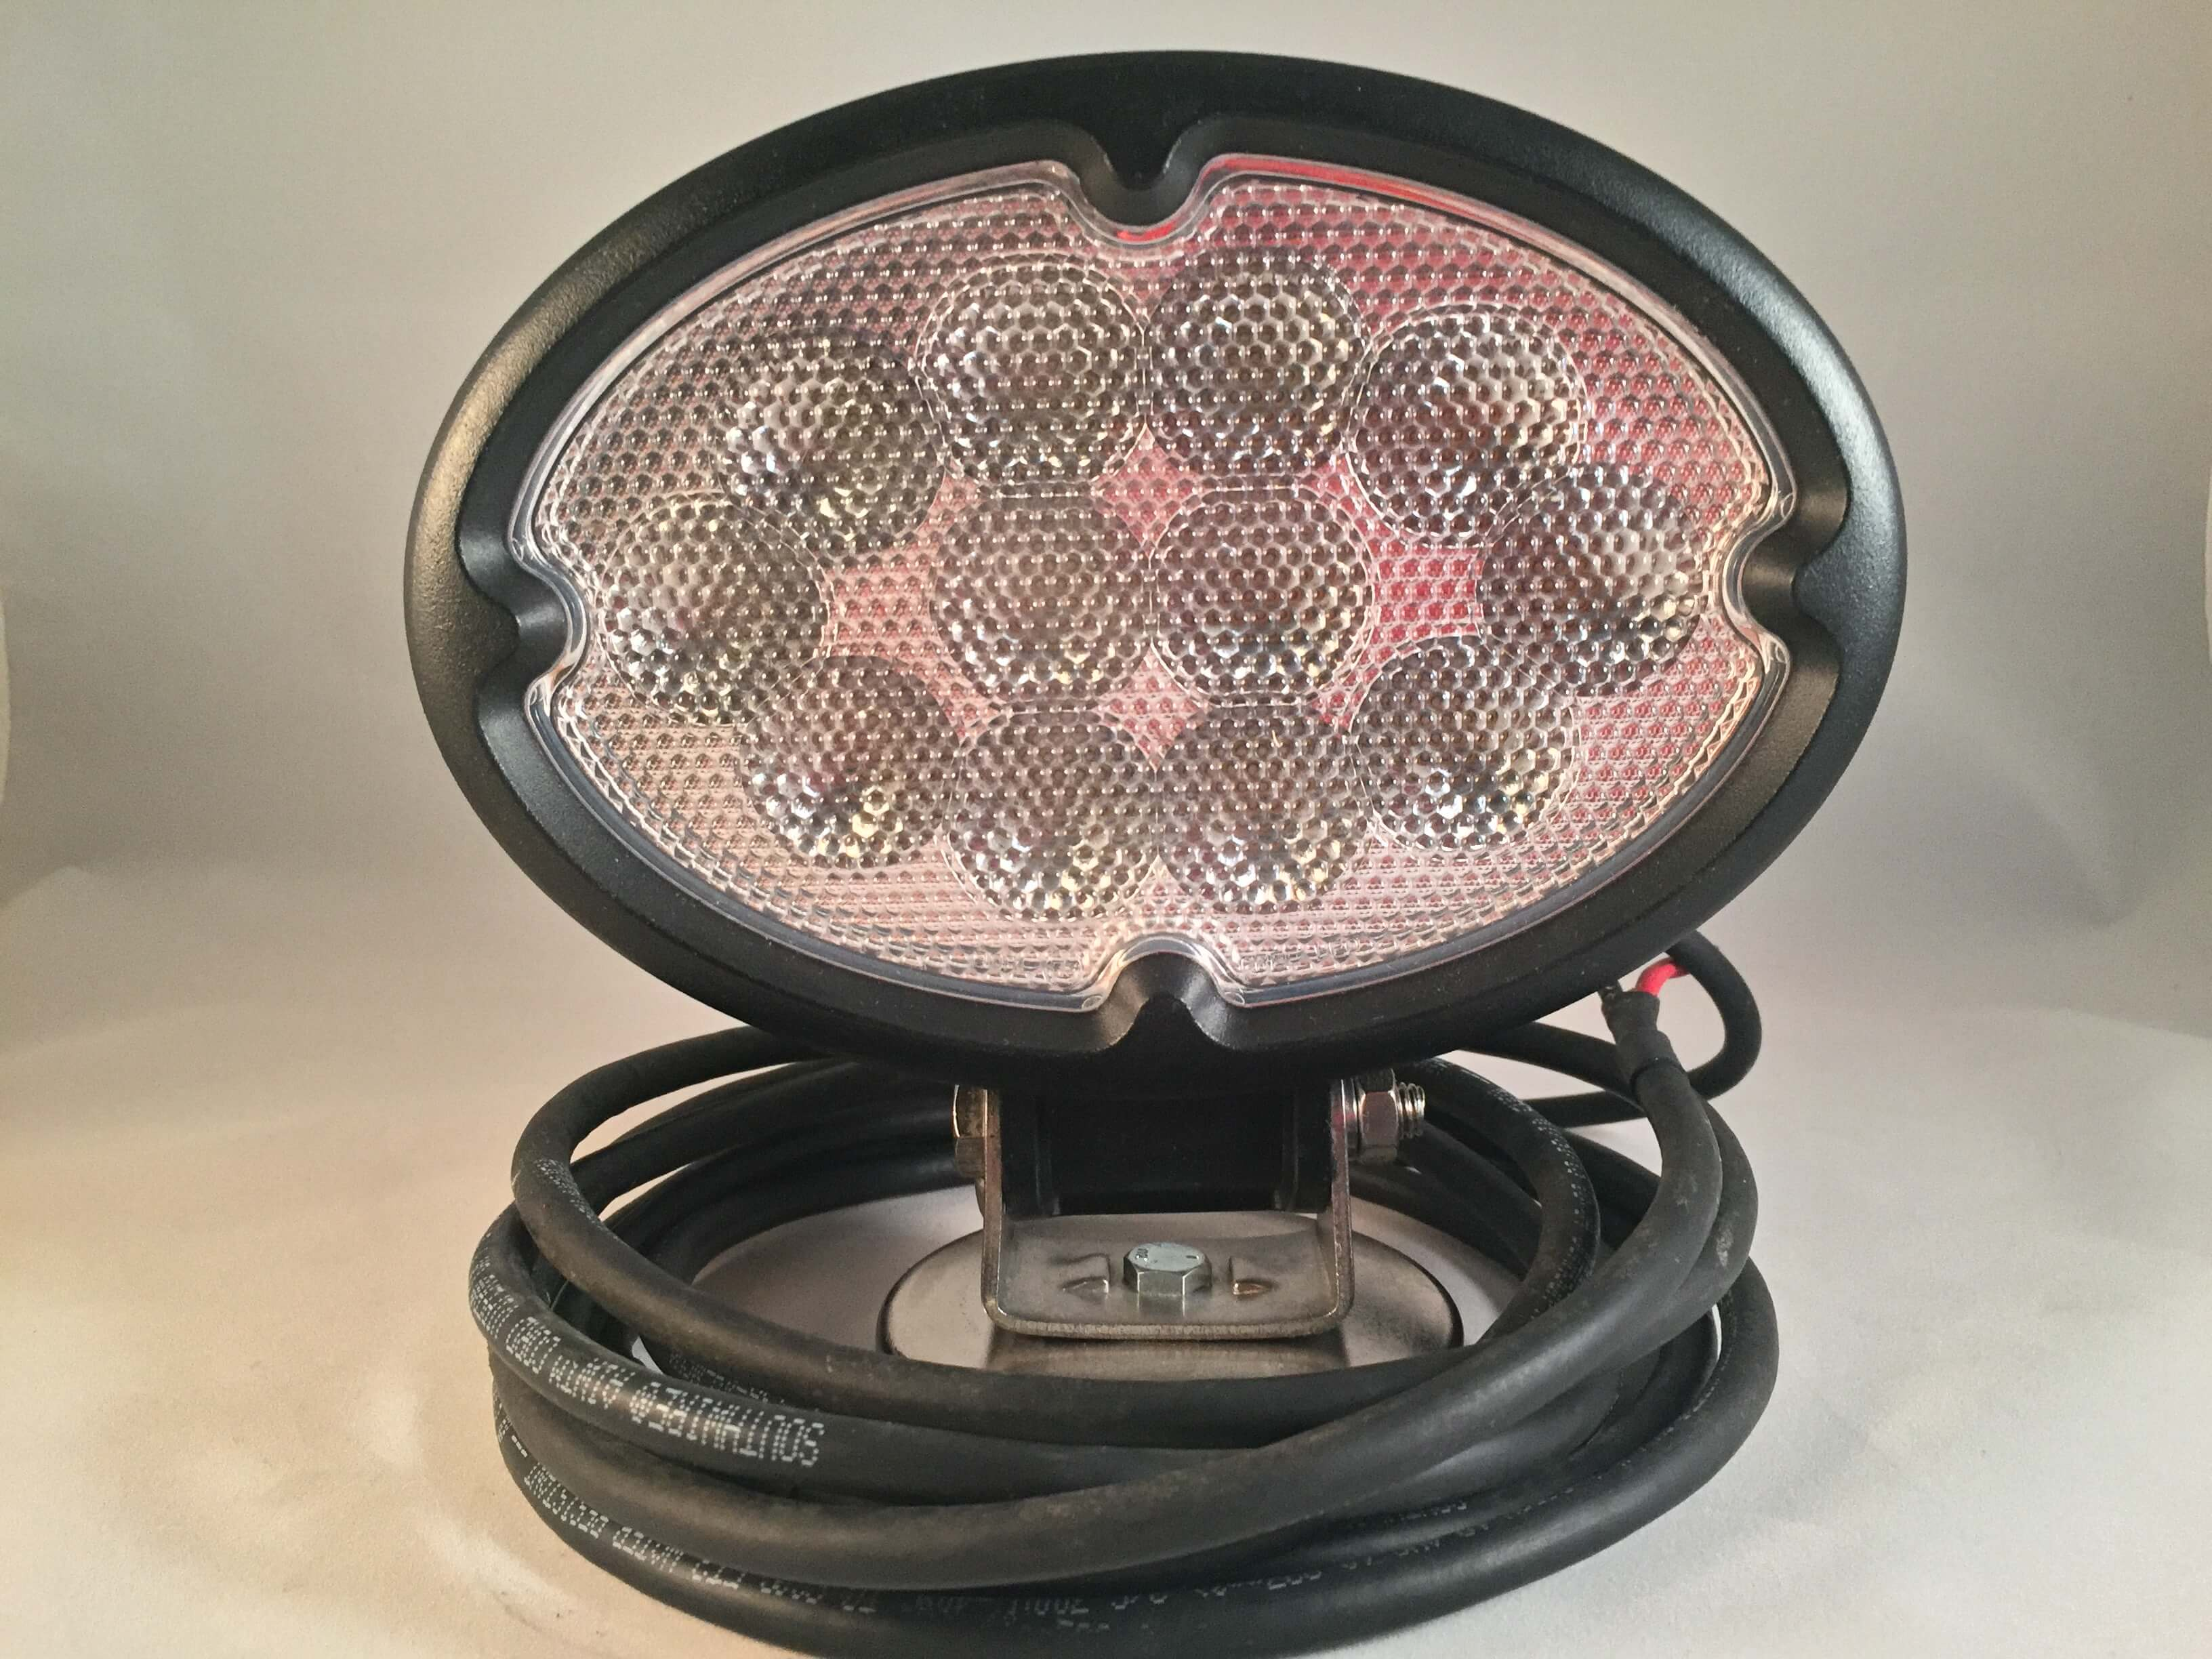 36w DC LED Light - Gen II